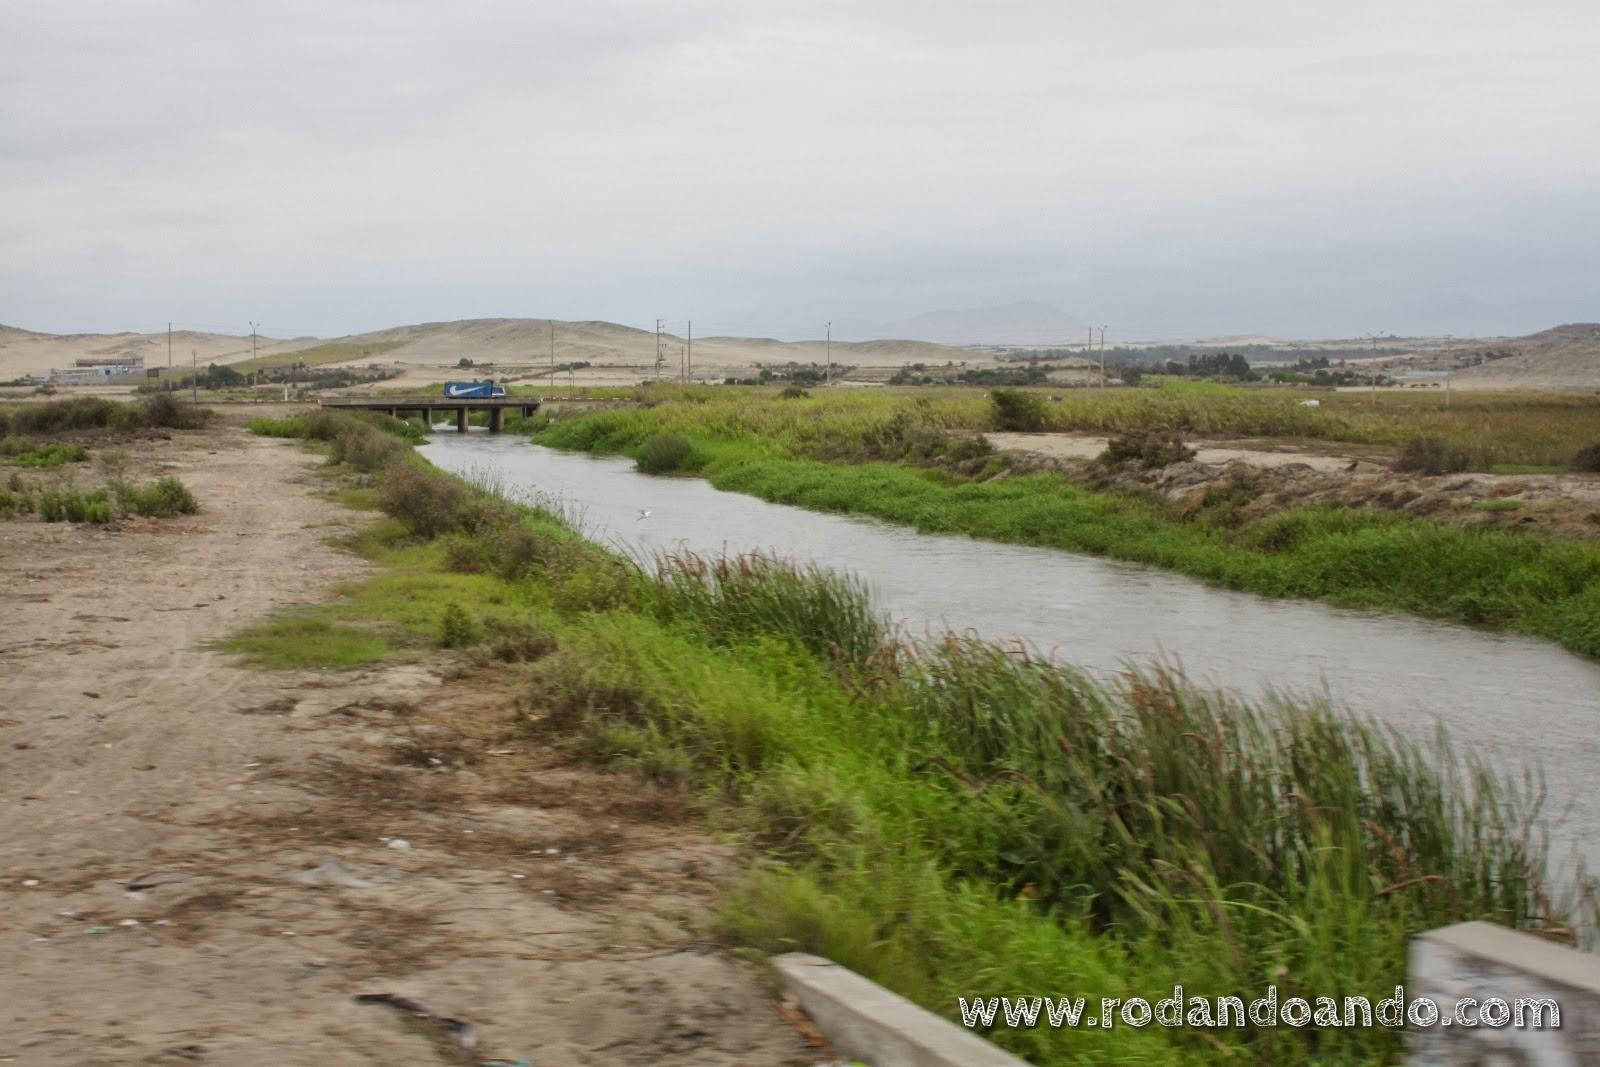 El río que nos regala los verdes paisajes